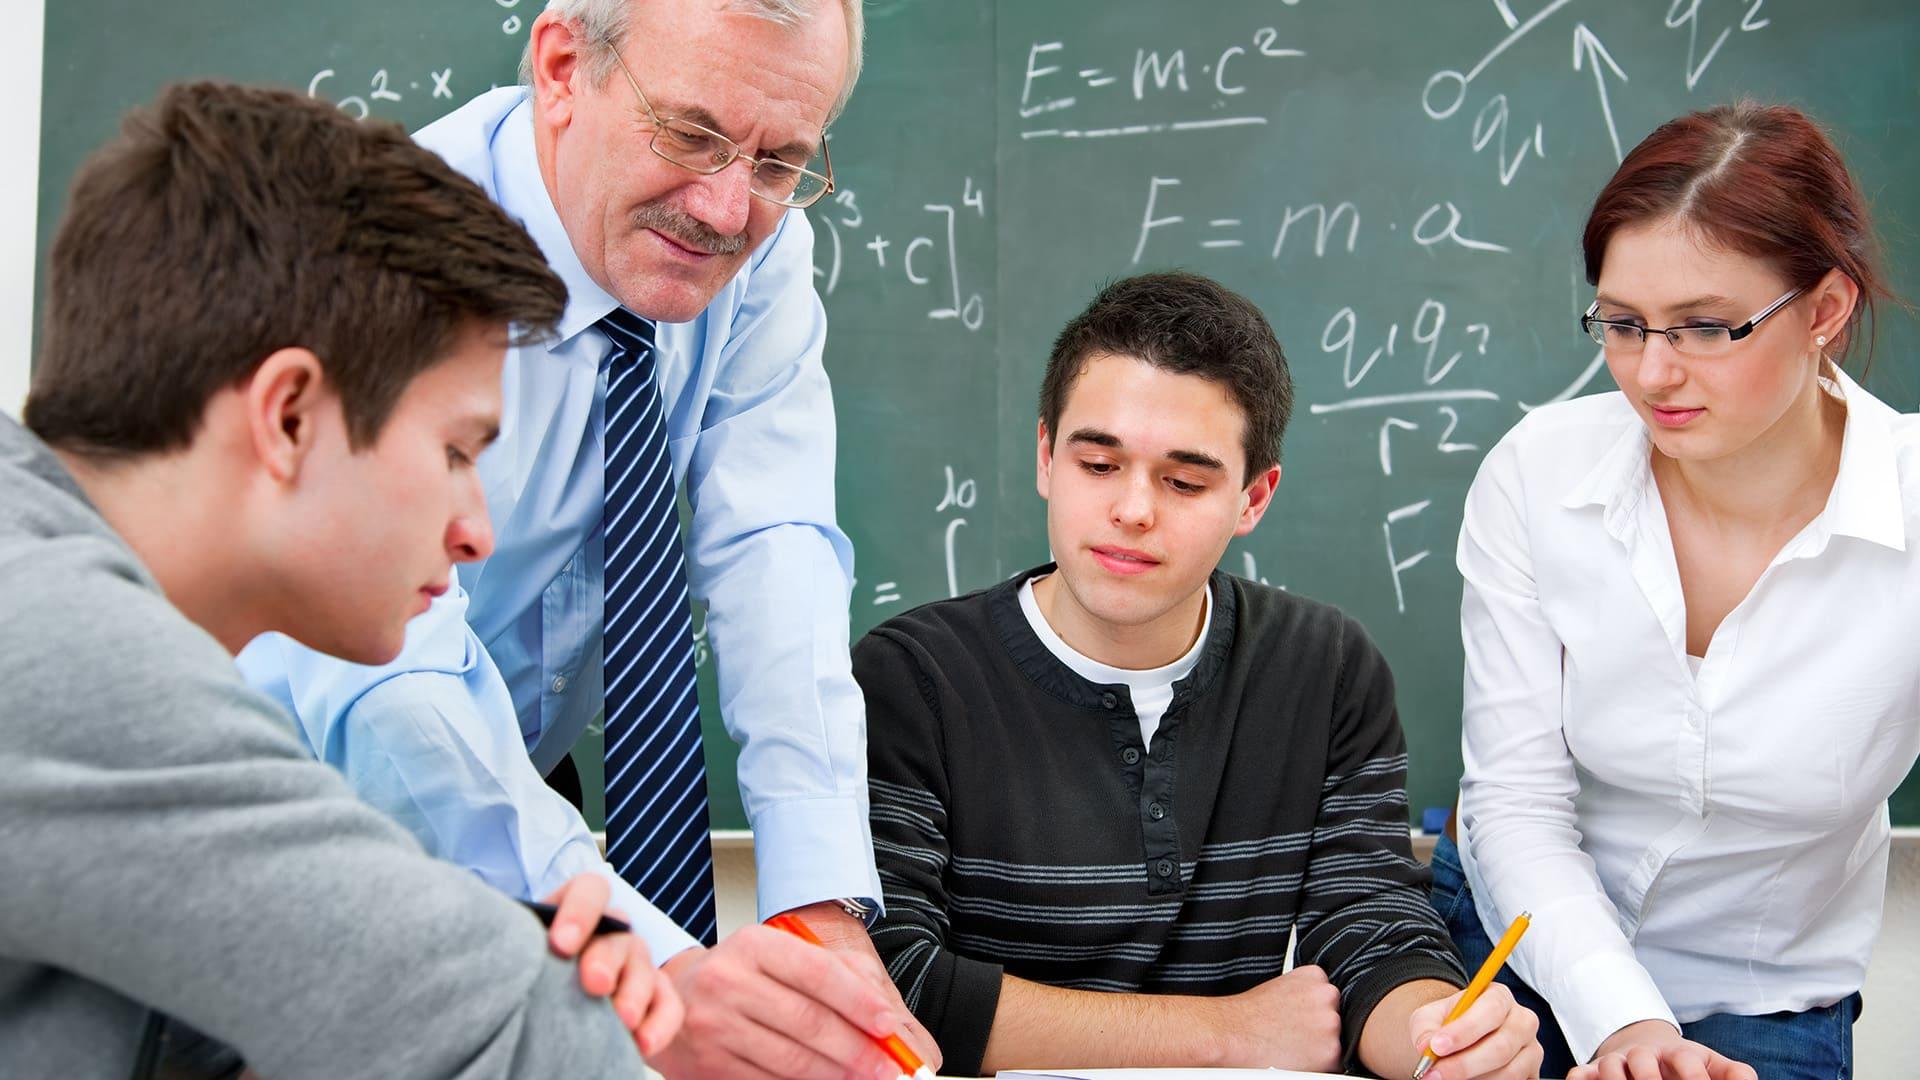 Профессиональное становление педагога - сложный, многоплановый процесс вхождения человека в профессию, характеризующийся неоднозначным вкладом личностного и деятельностного компонентов при ведущей роли личности педагога.